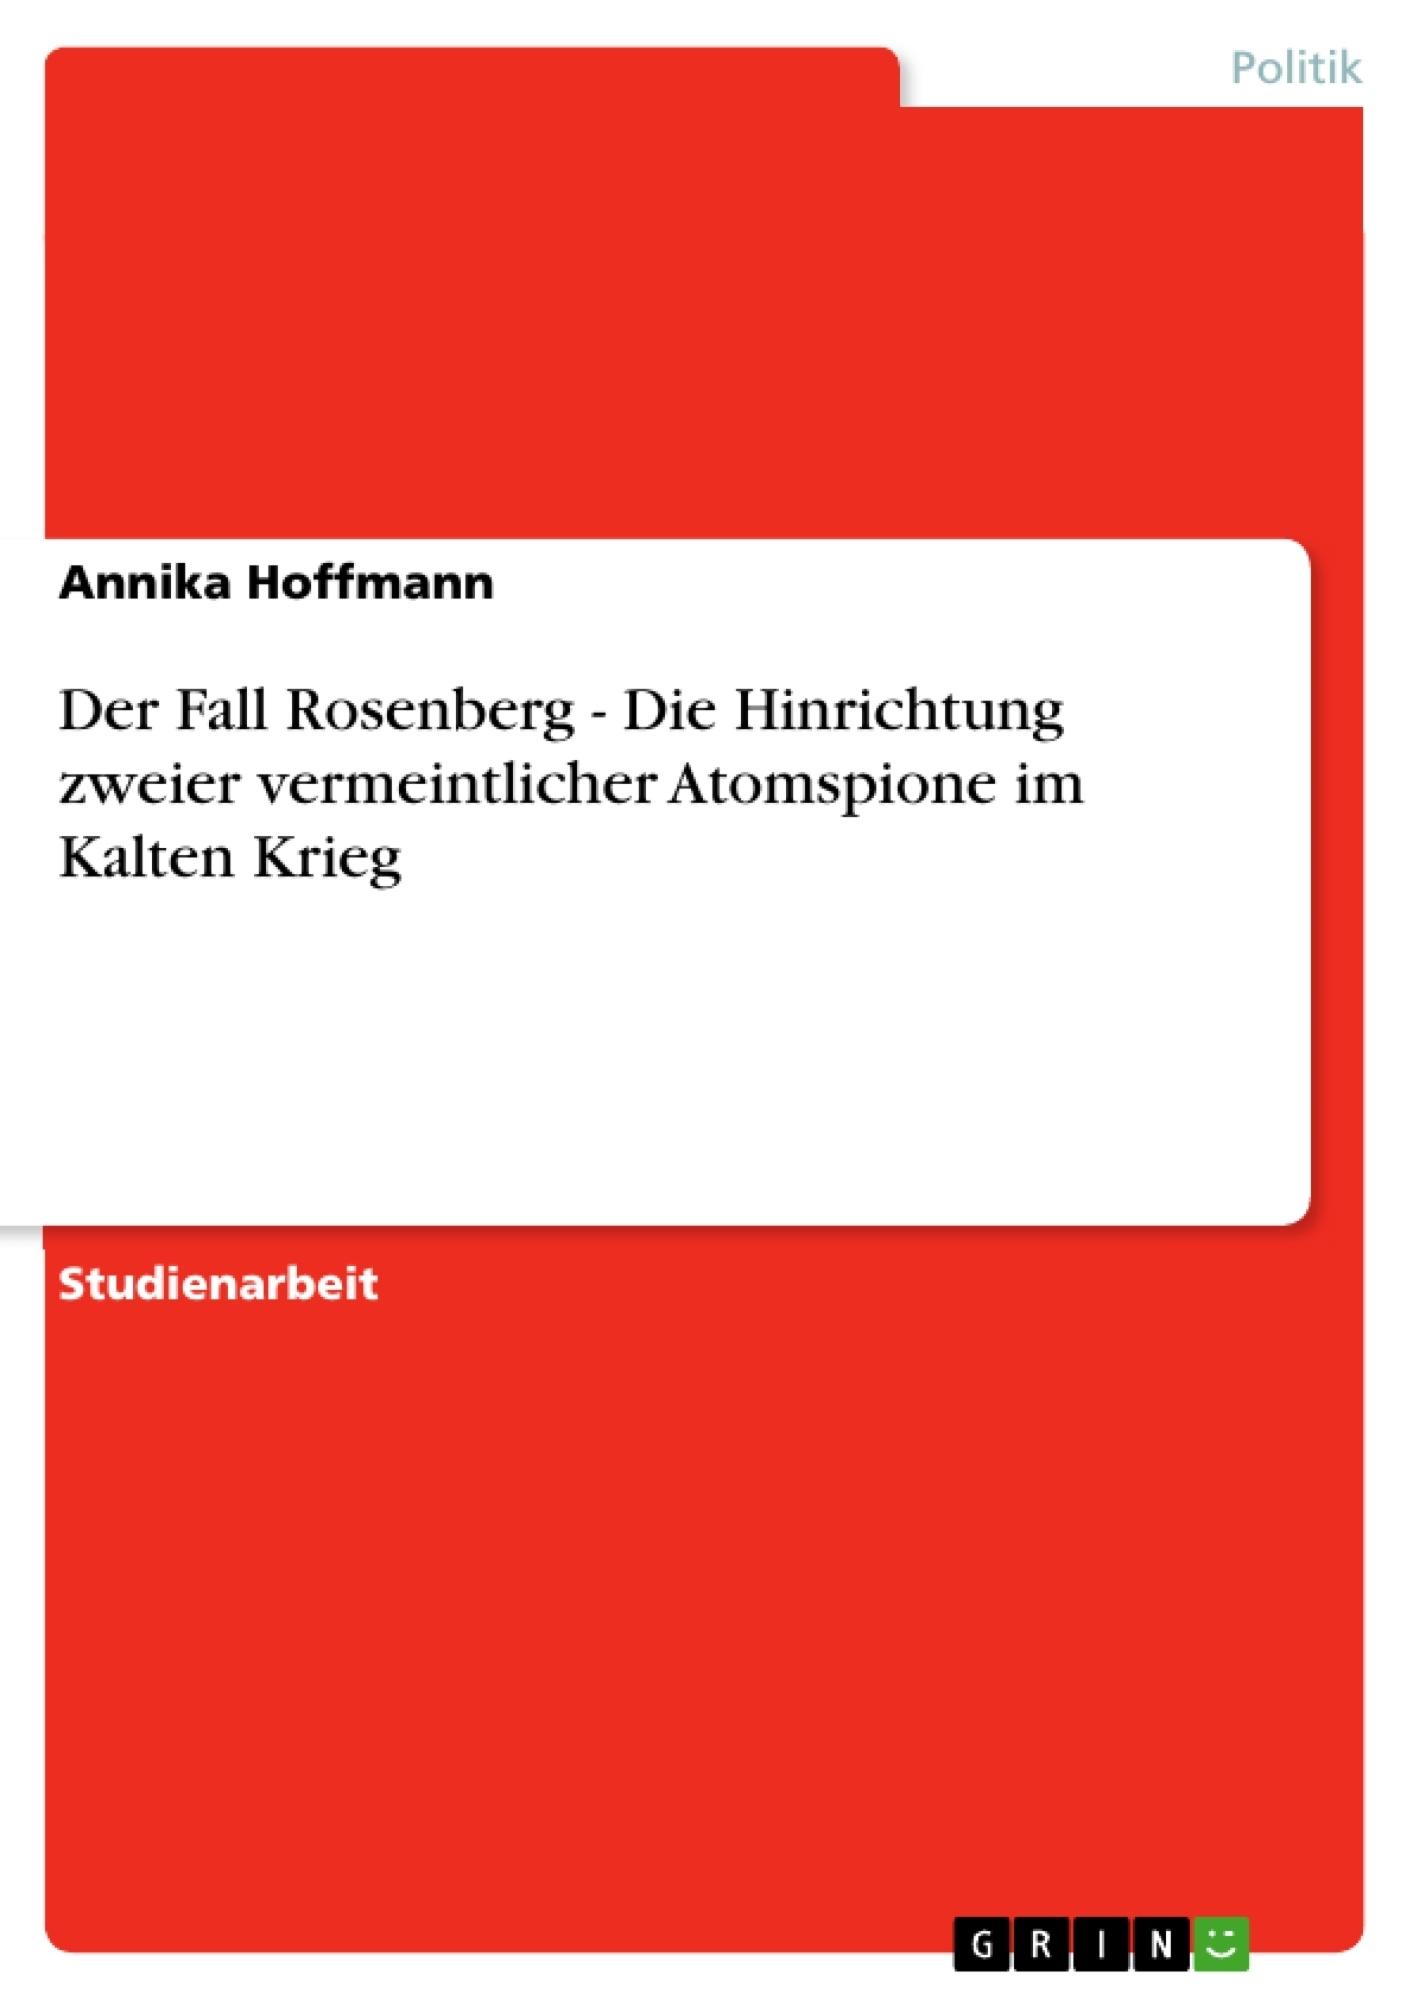 Titel: Der Fall Rosenberg - Die Hinrichtung zweier vermeintlicher Atomspione im Kalten Krieg